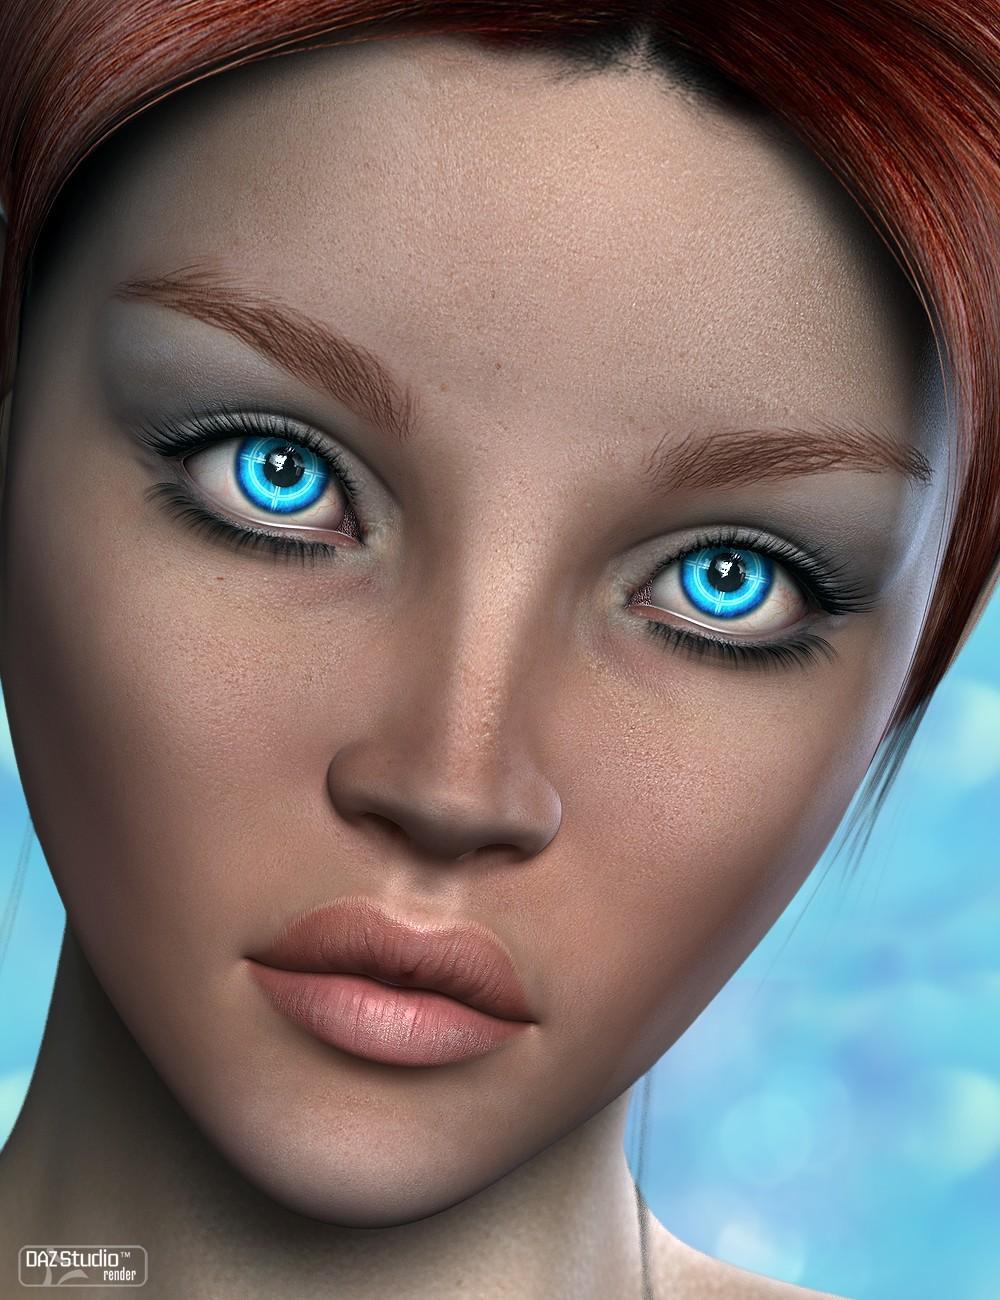 Awesome Fantasy Eyes